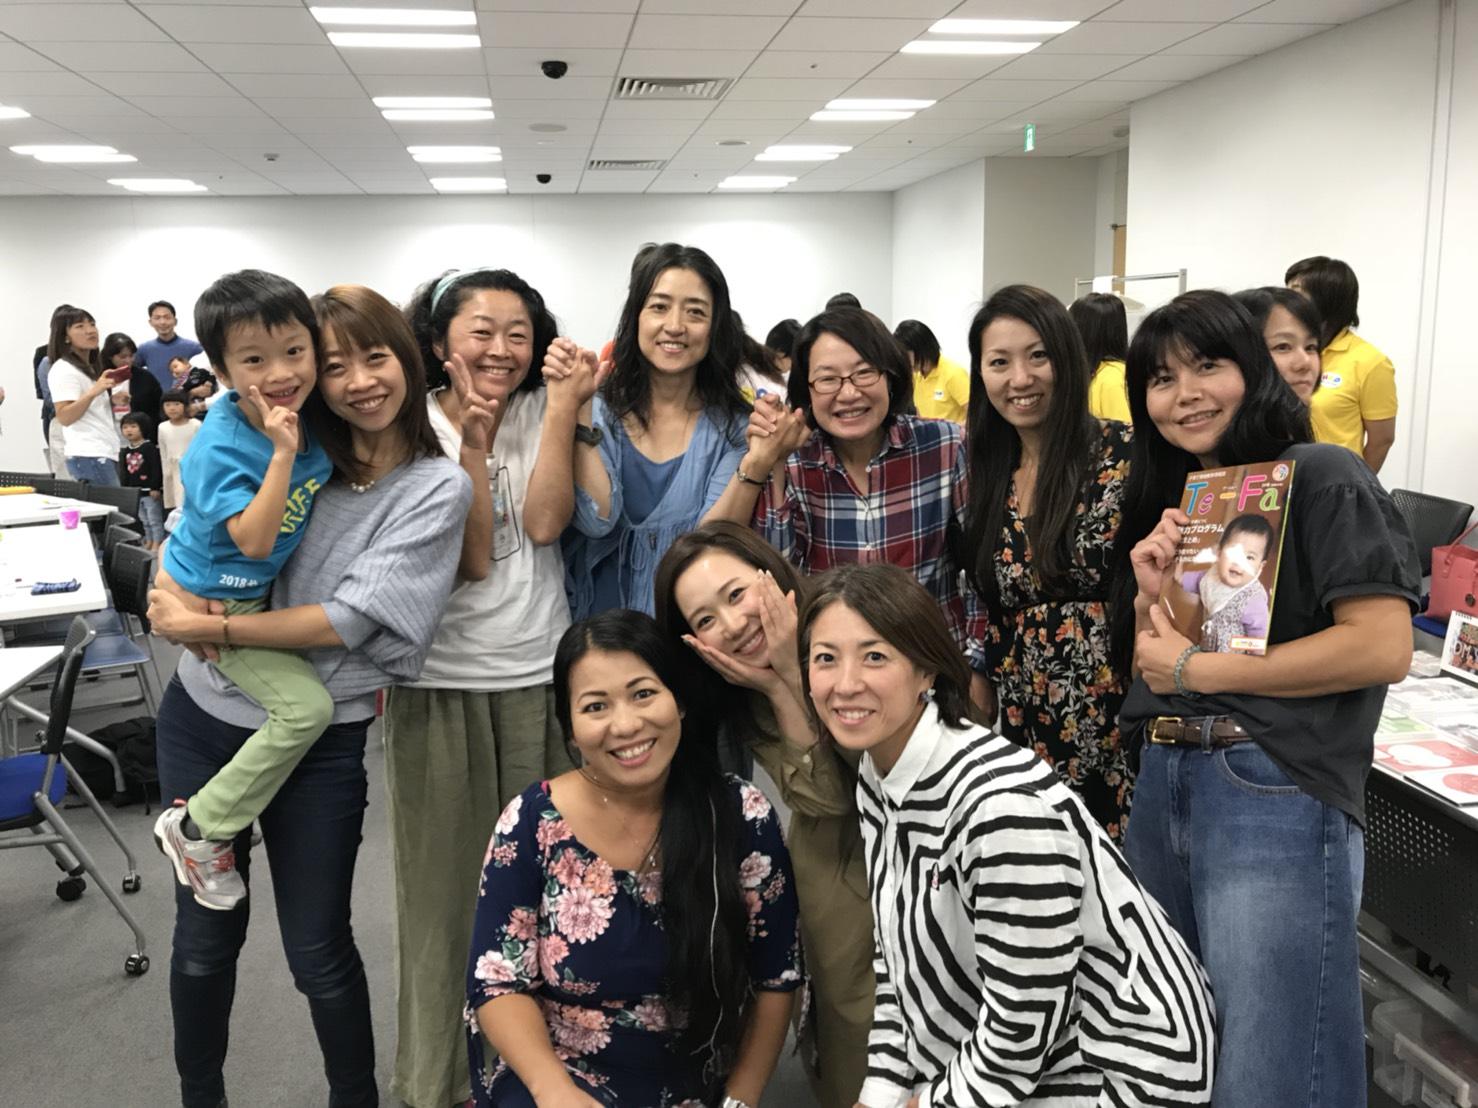 2018/10/30藤沢1010HAPPY Fグループ①魂に響いた言葉②感想